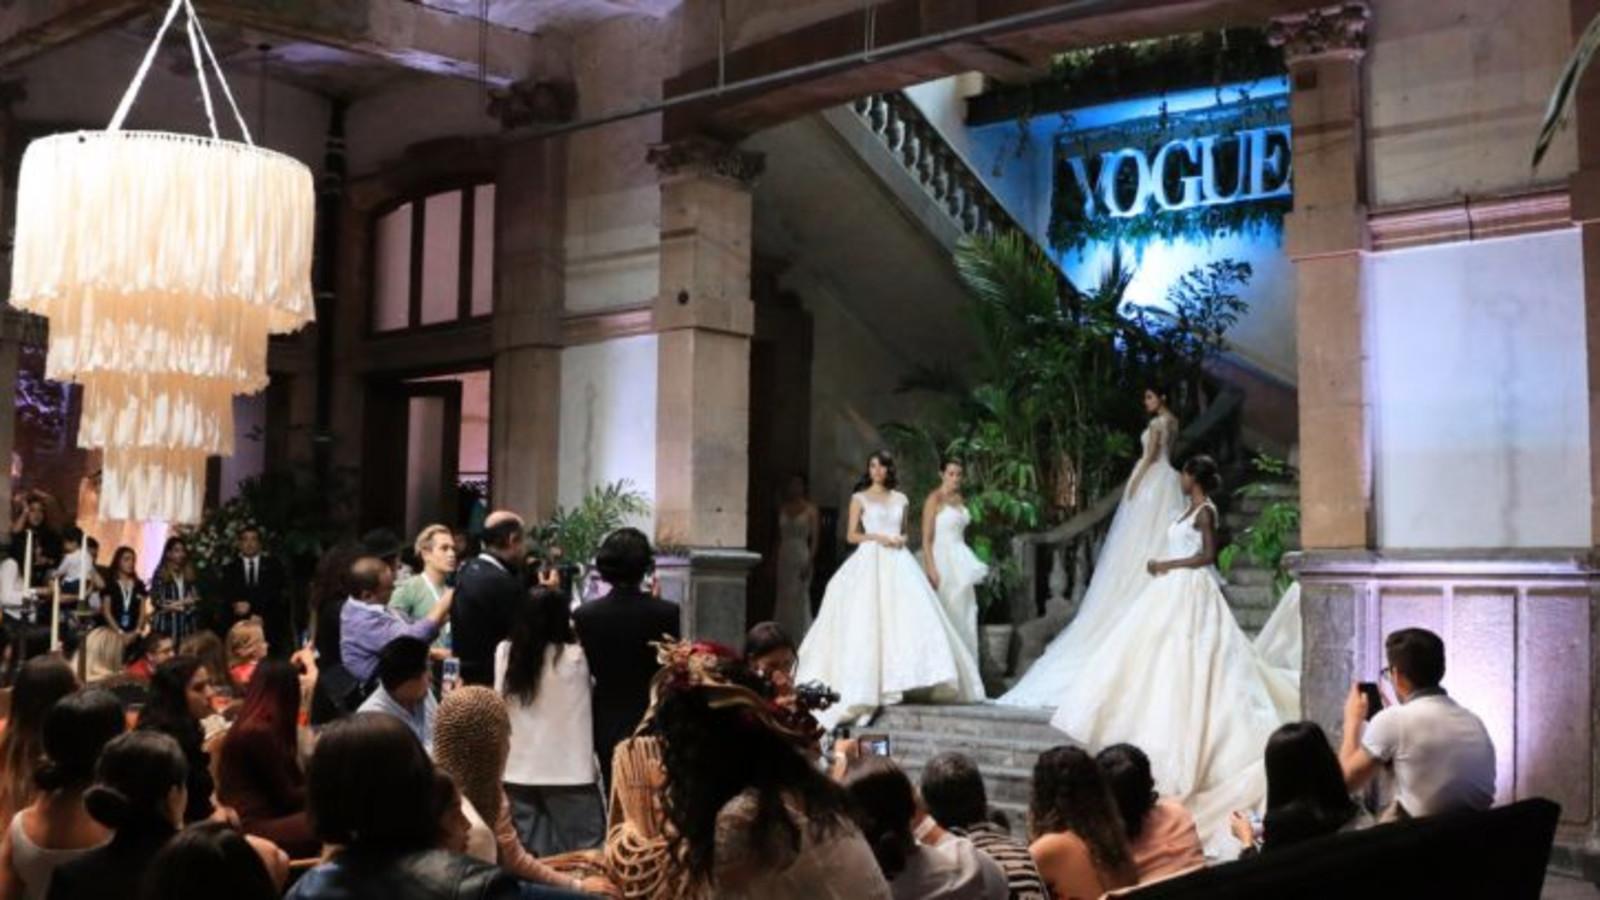 VOGUE ATELIER 1. - Enrique SanchezArmas (1) - Mexico - Vogue Atelier